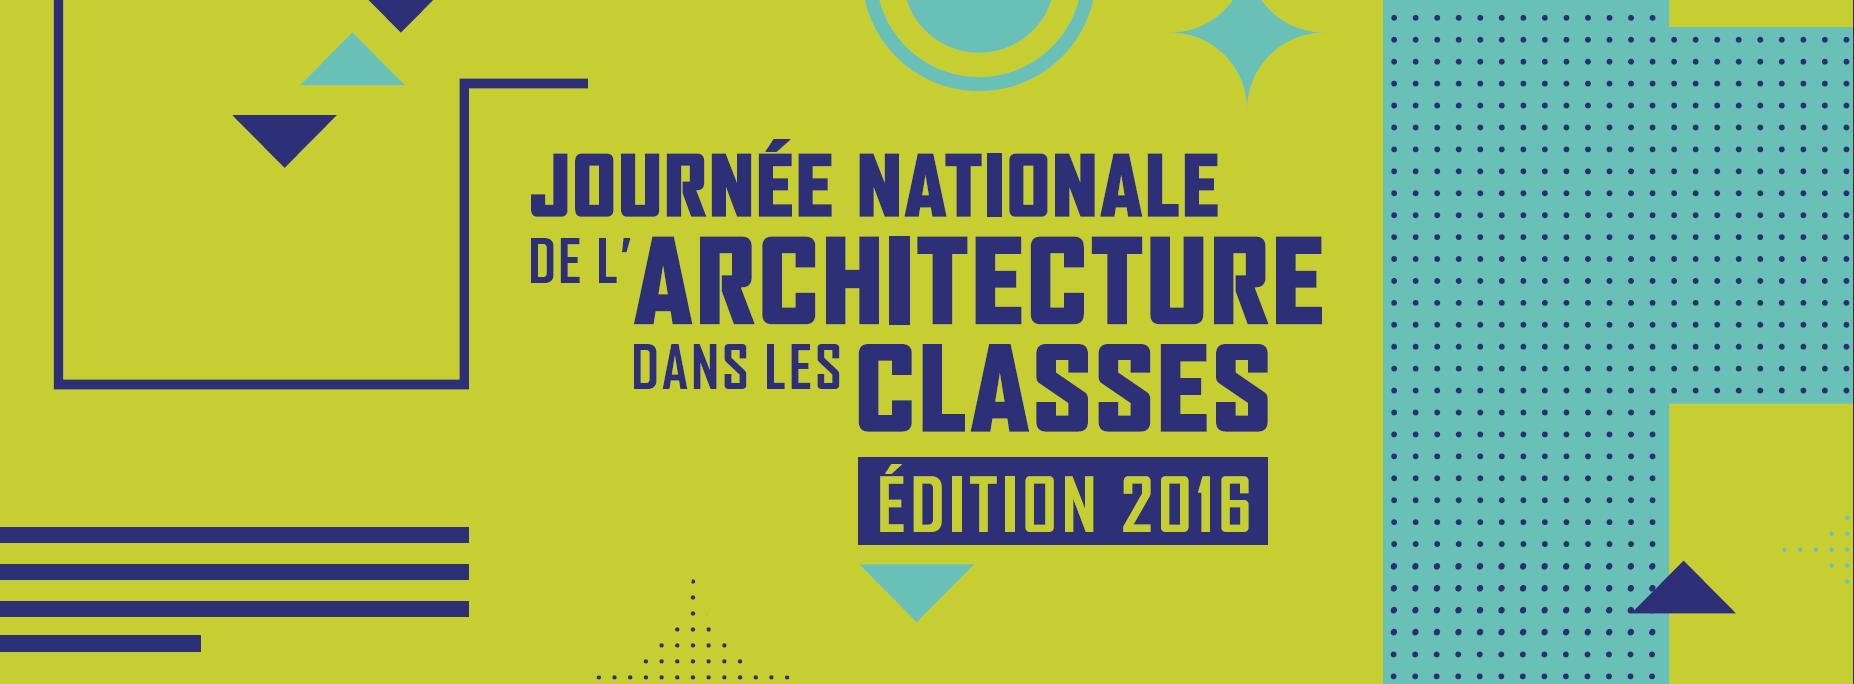 Journ e nationale de l architecture dans les classes restitution samedi 19 - Journee de l architecture ...